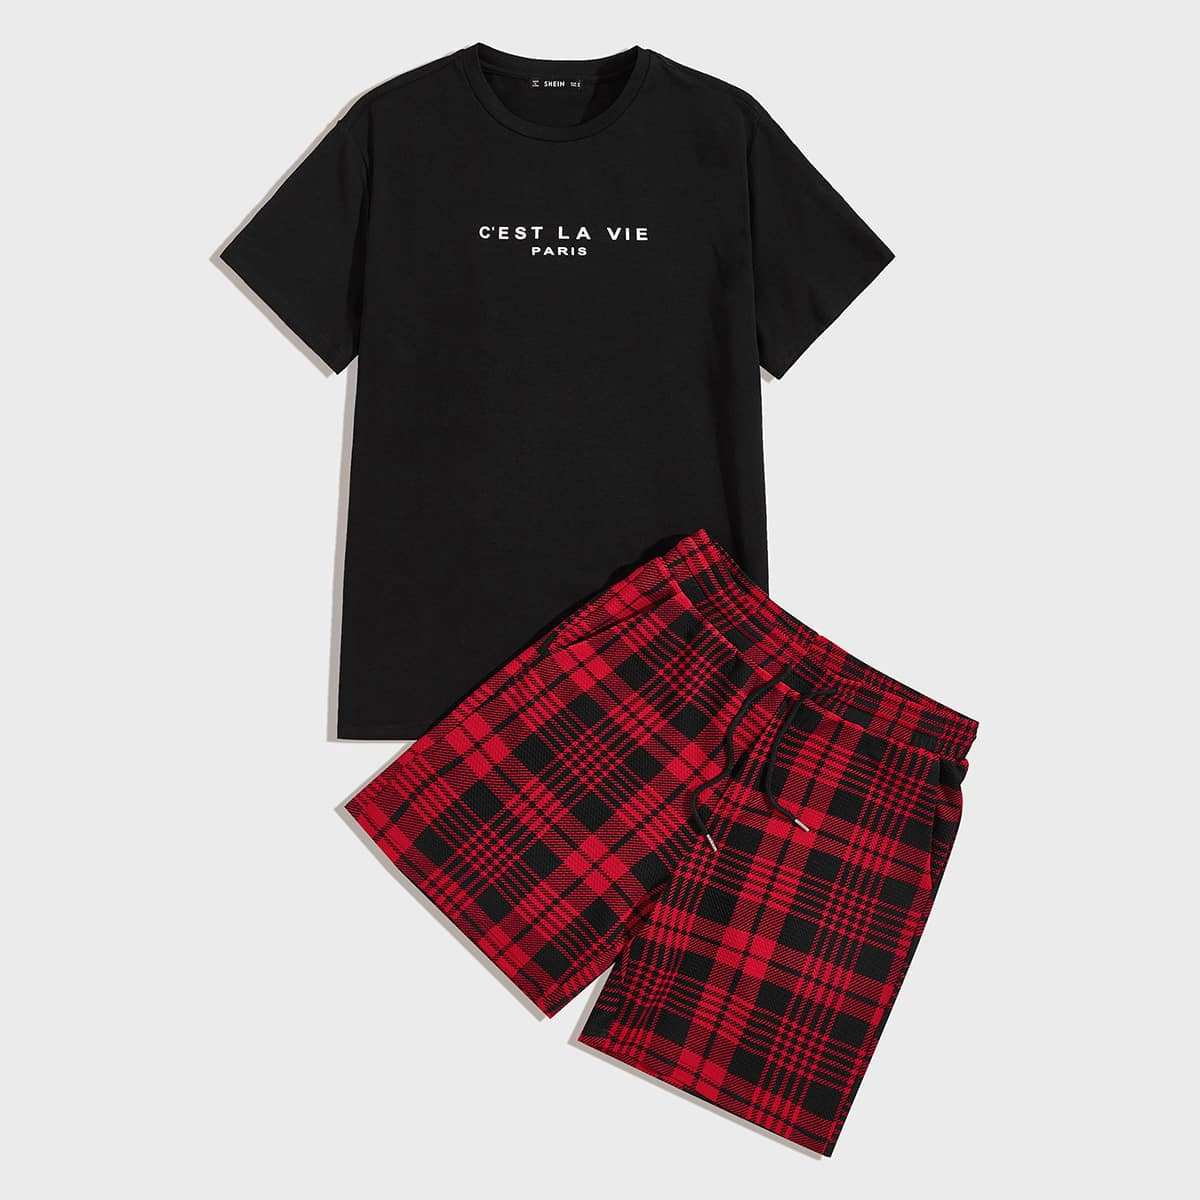 Мужские шорты в клетку и топ с текстовым принтом от SHEIN